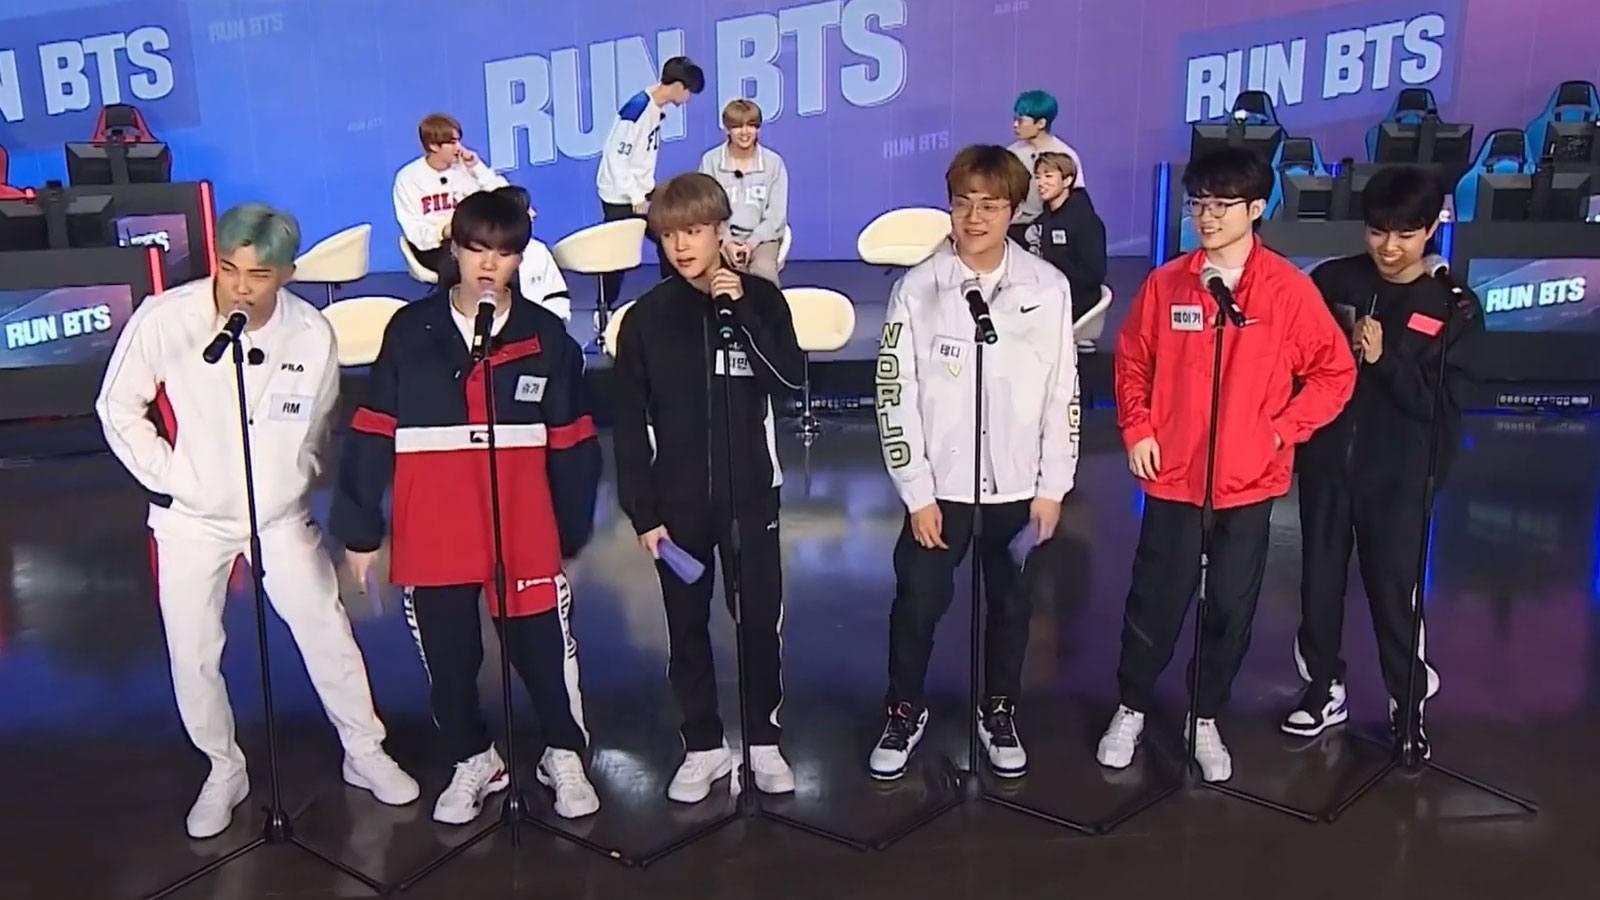 Les joueurs T1 et BTS chantent ensemble